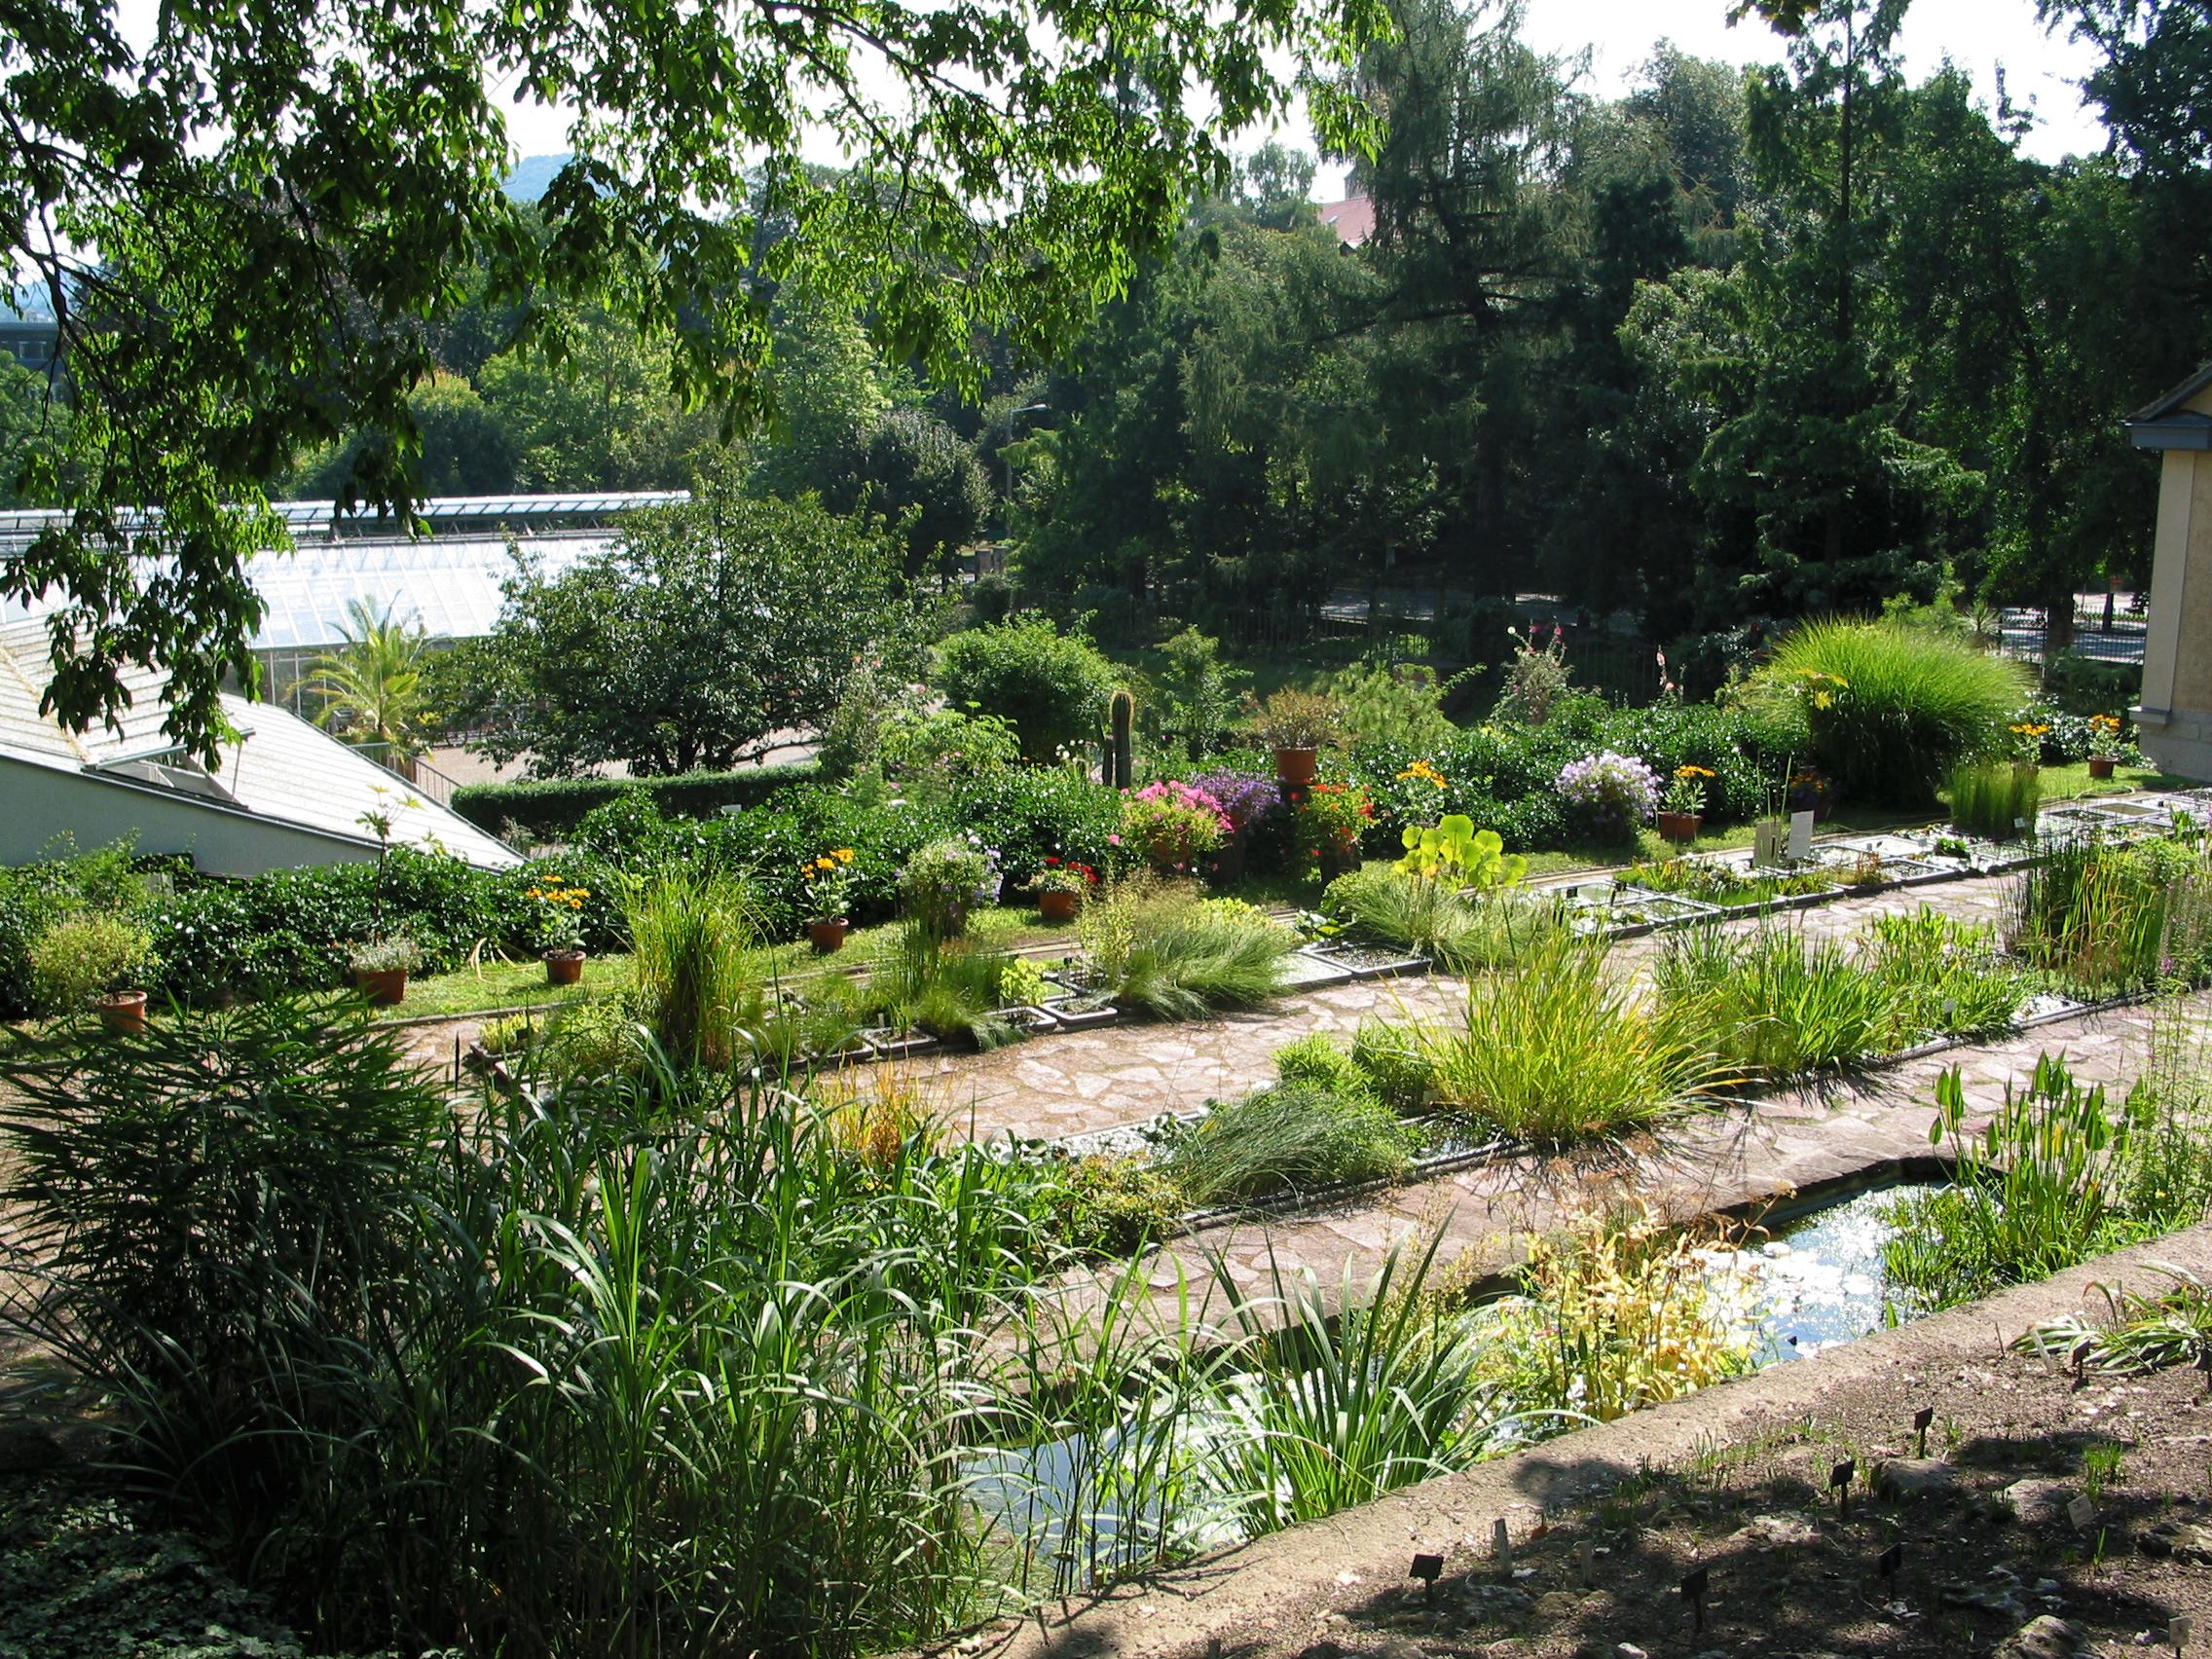 Filebotanischer Garten Jena Panoramiojpg Wikimedia Commons